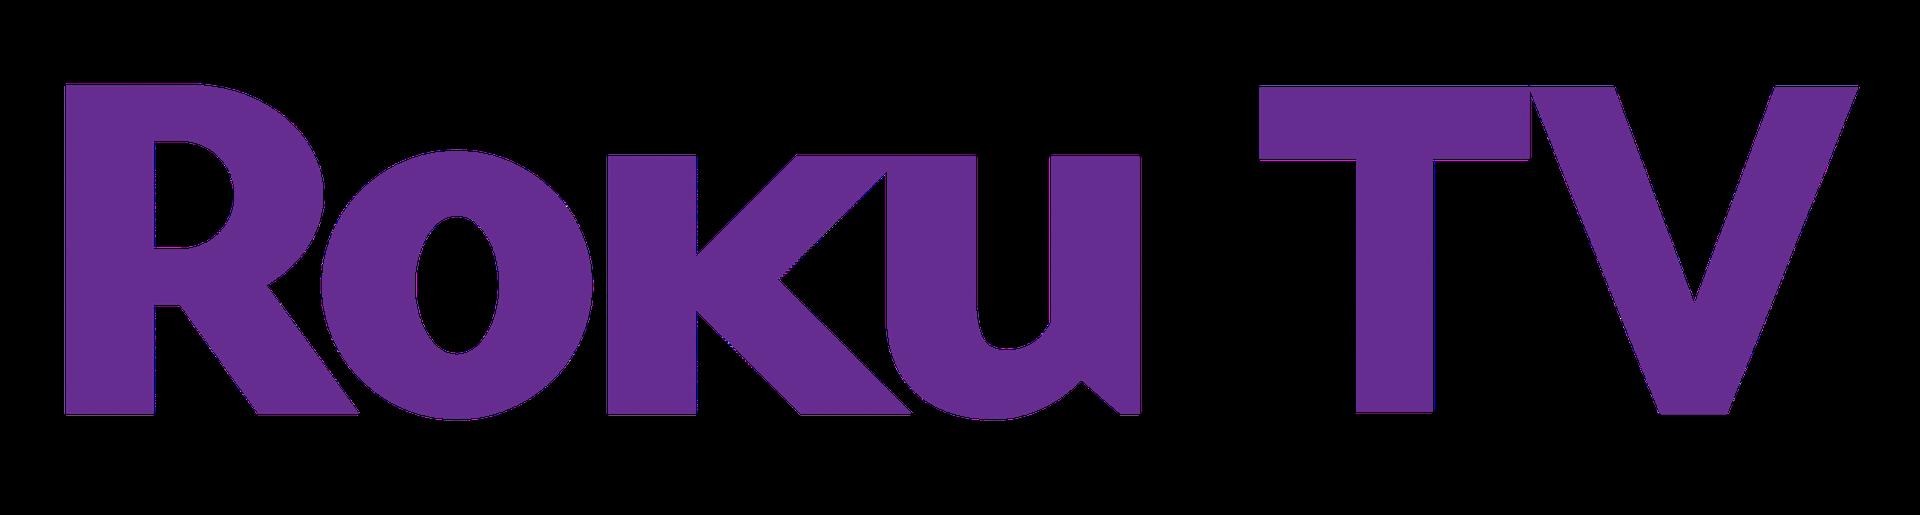 Roku Tv User Manual